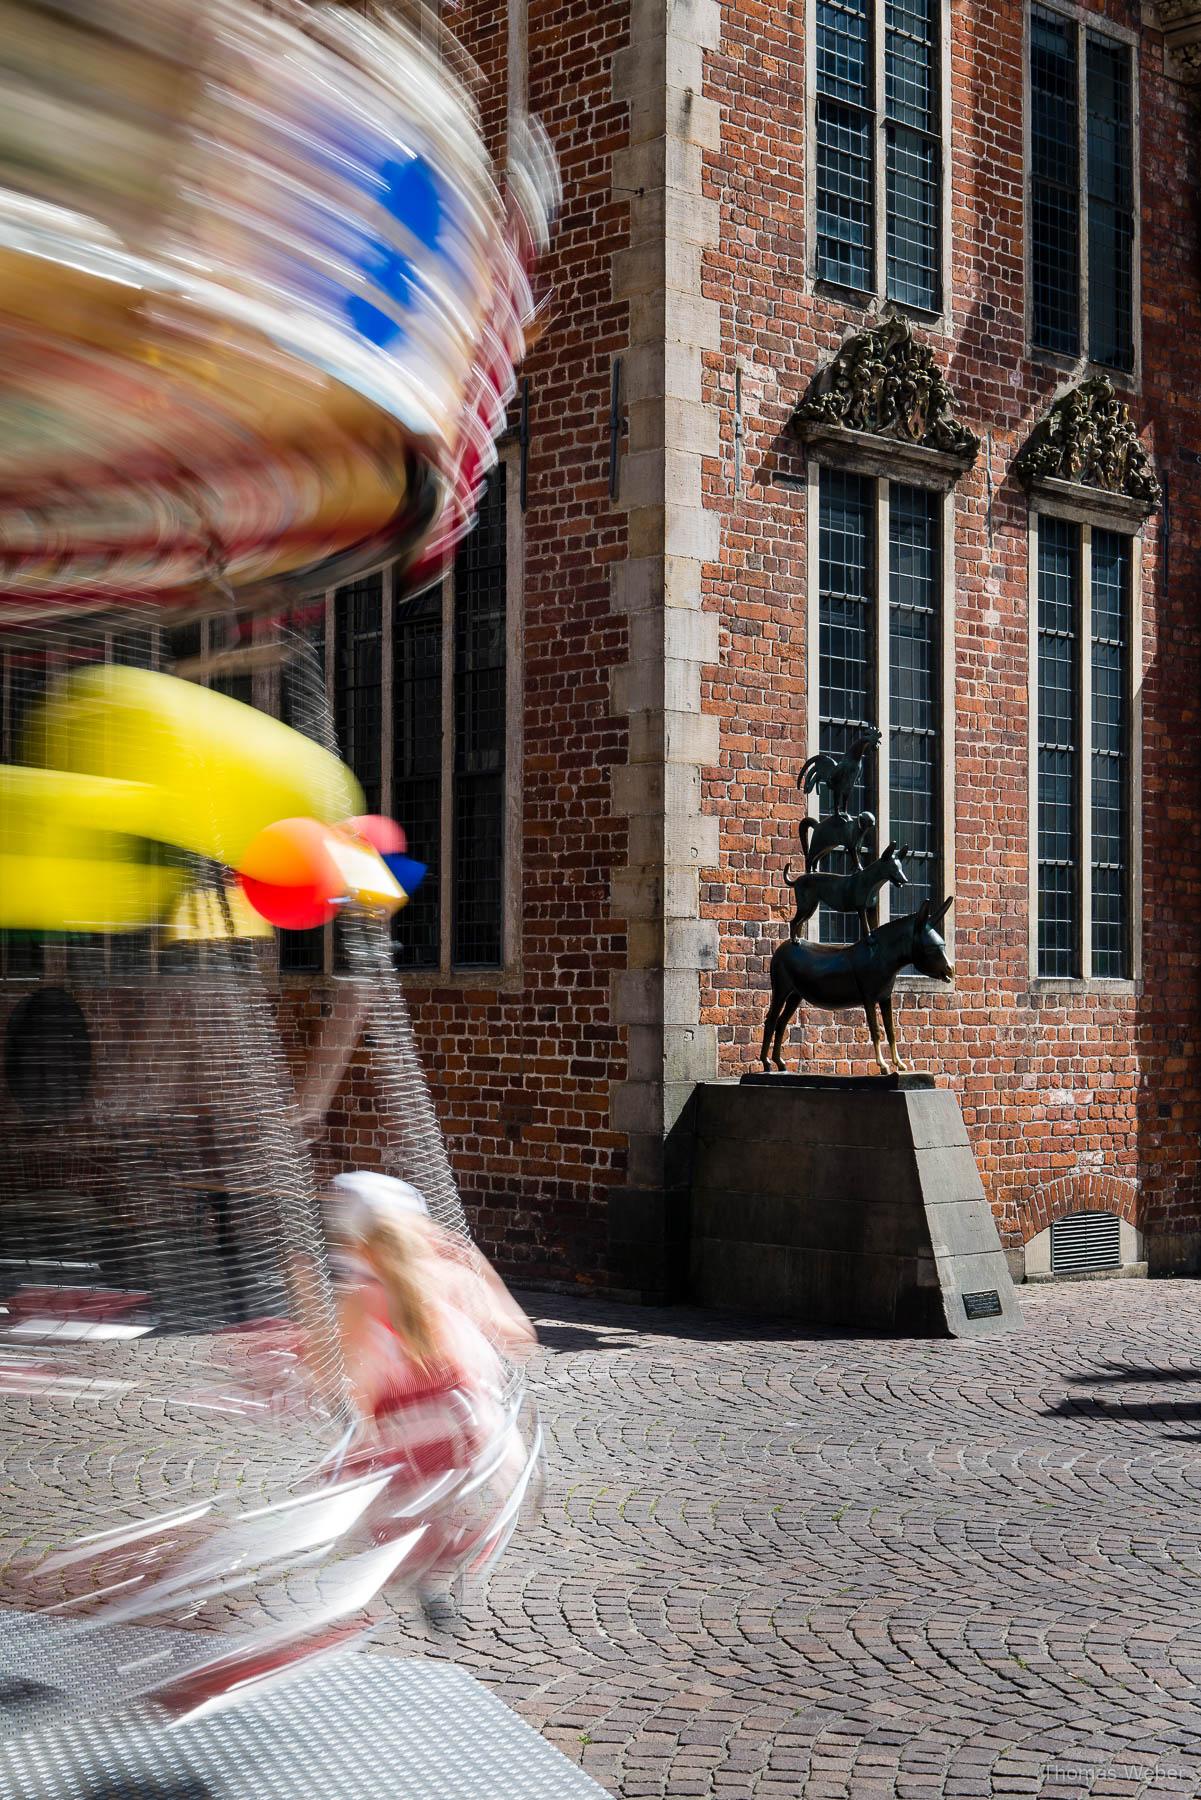 Alltagsszenen in Bremen, Fotograf Thomas Weber aus Oldenburg